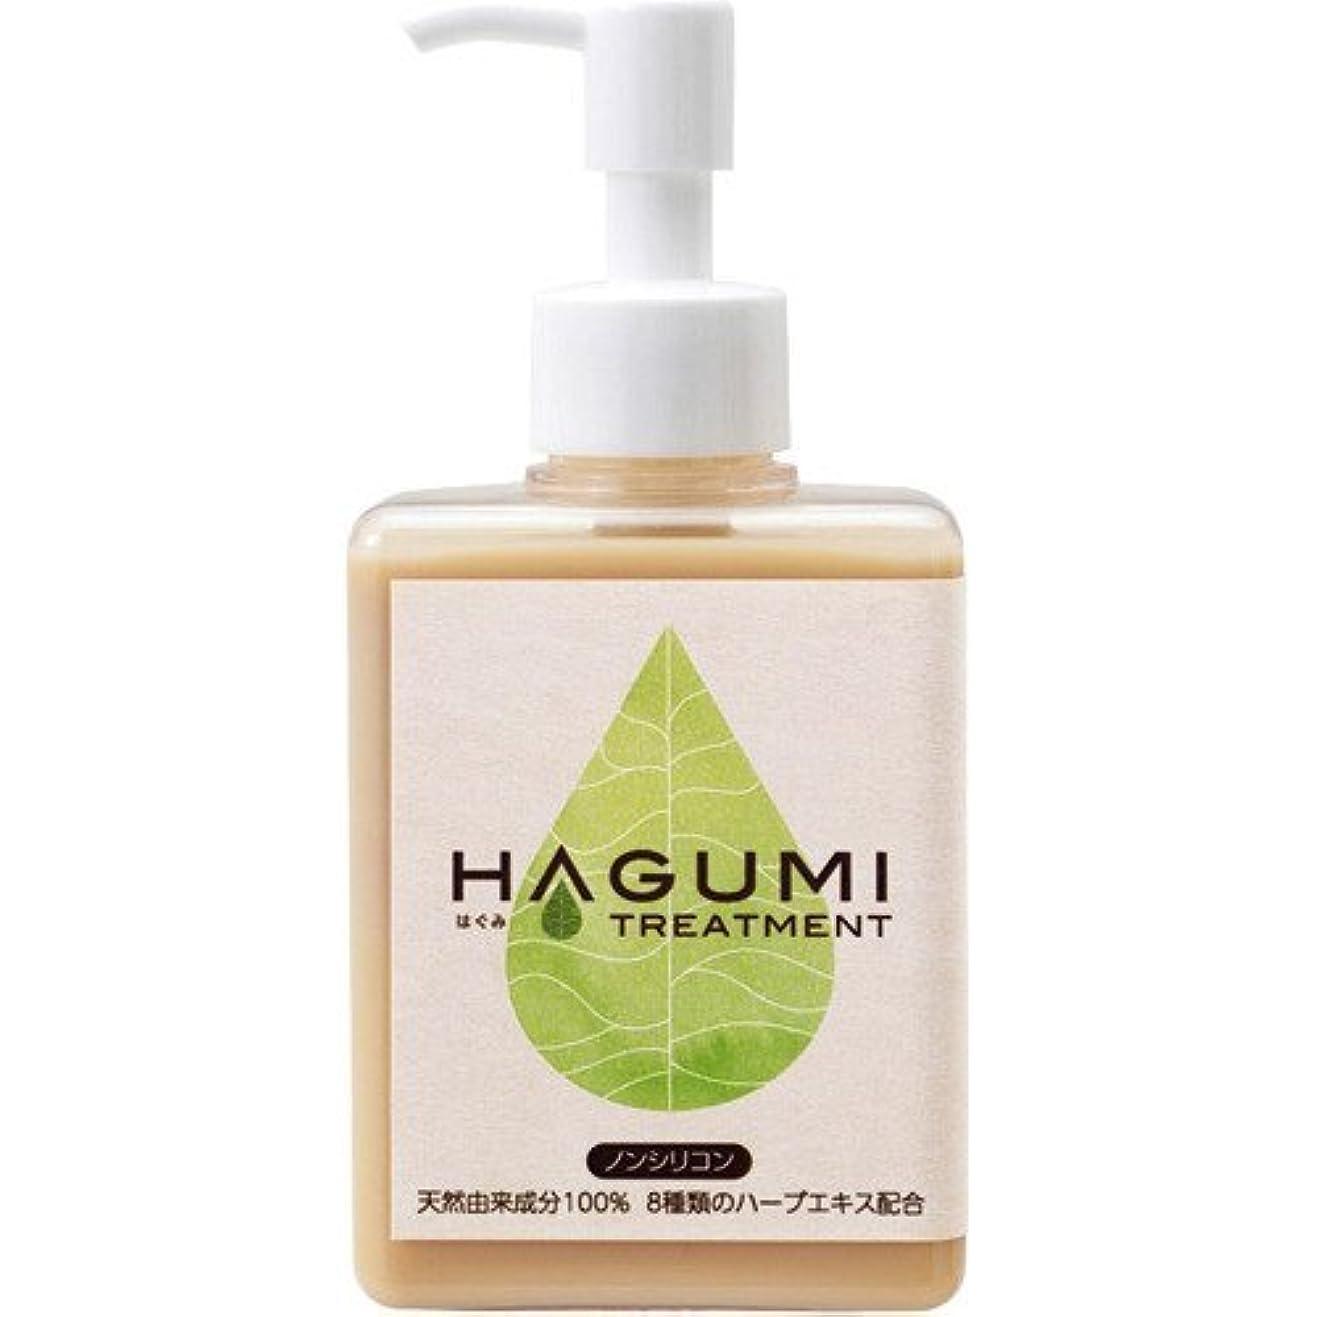 機械的に看板表現HAGUMI(ハグミ) トリートメント 200ml